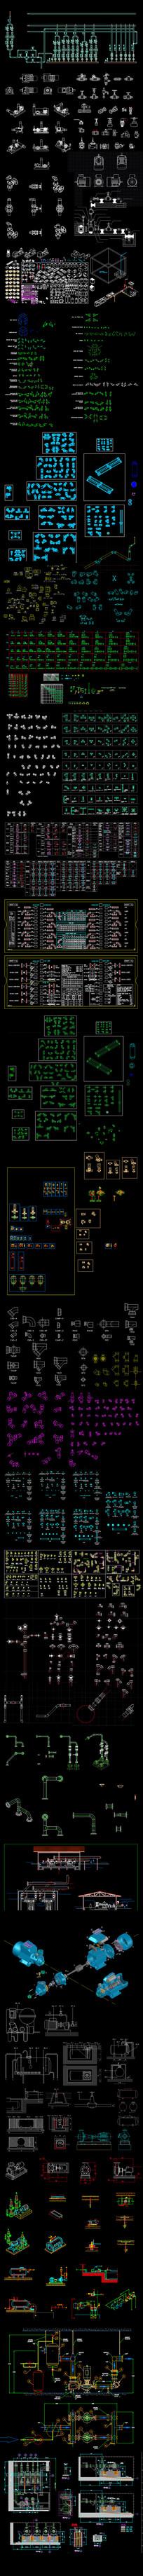 水利机电CAD图纸集合